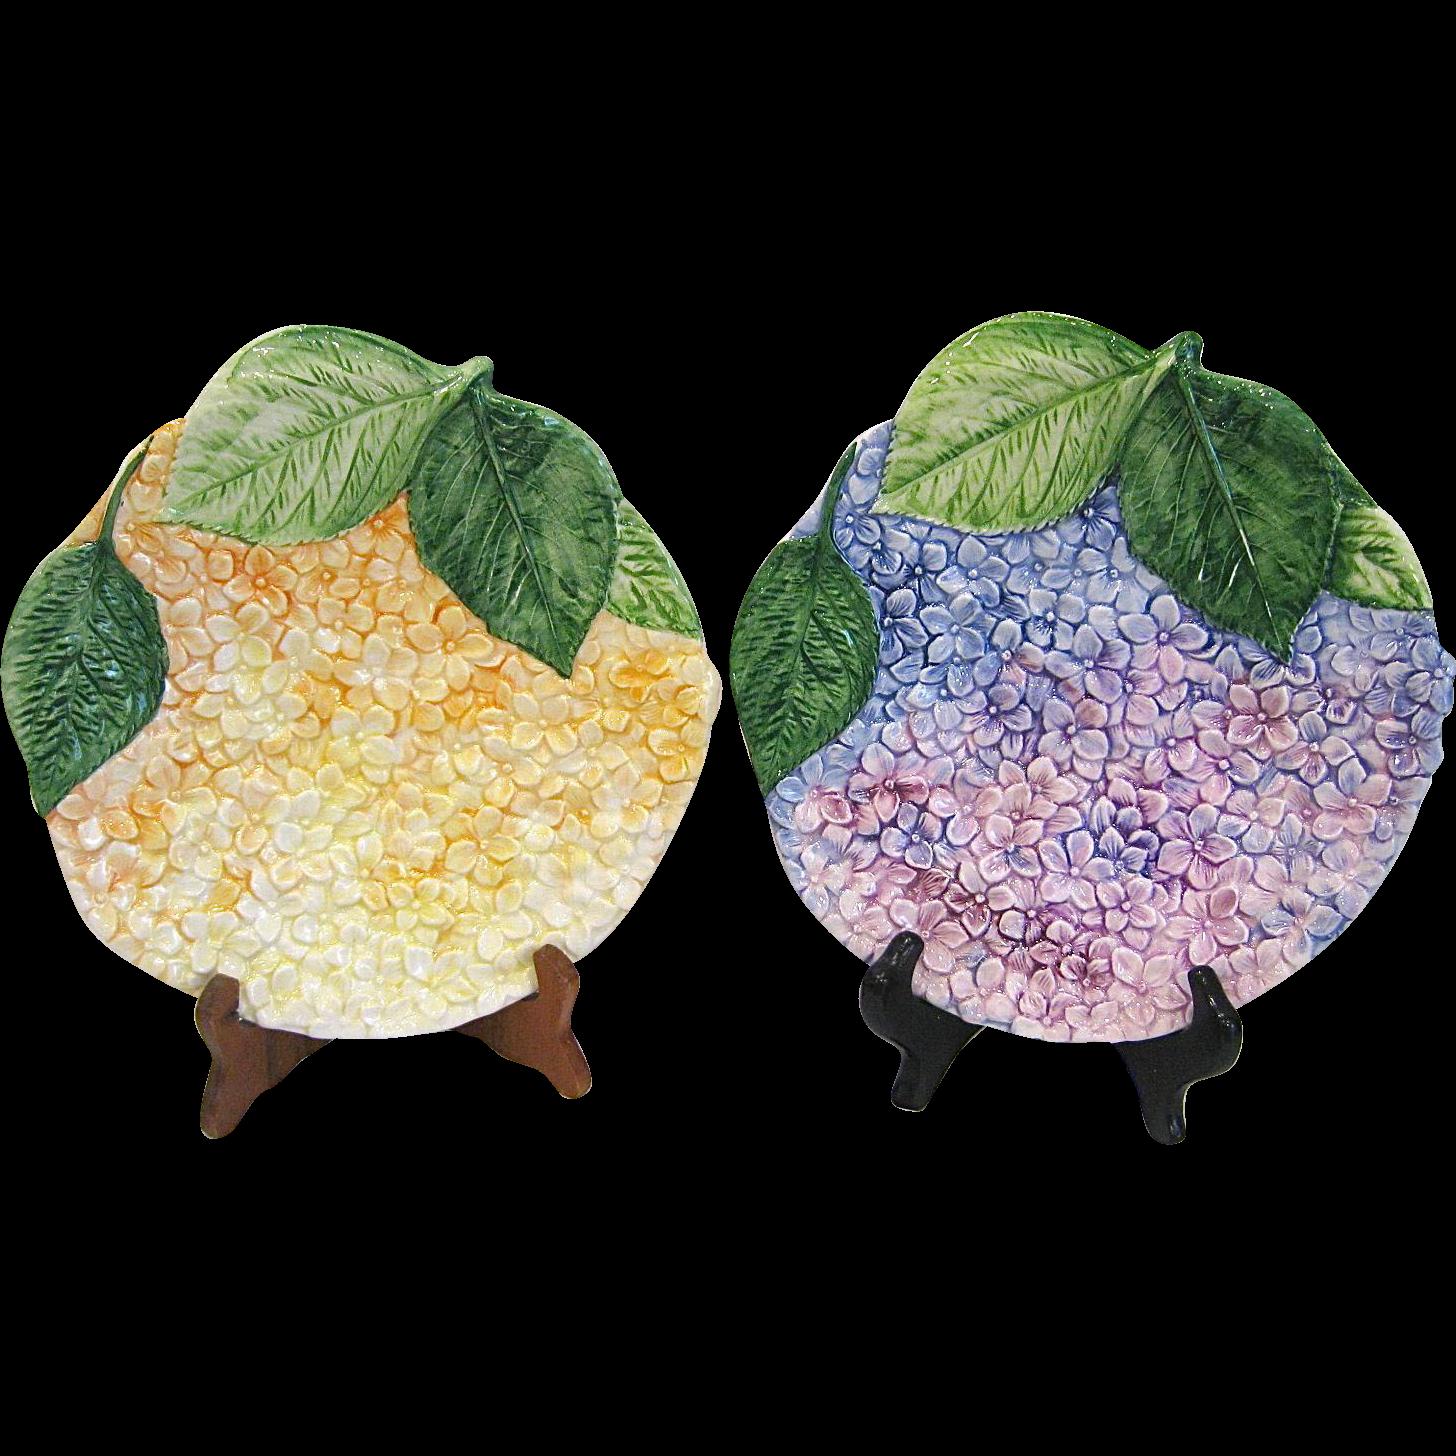 Pair Isabelle de Borchgrave Flower Plates